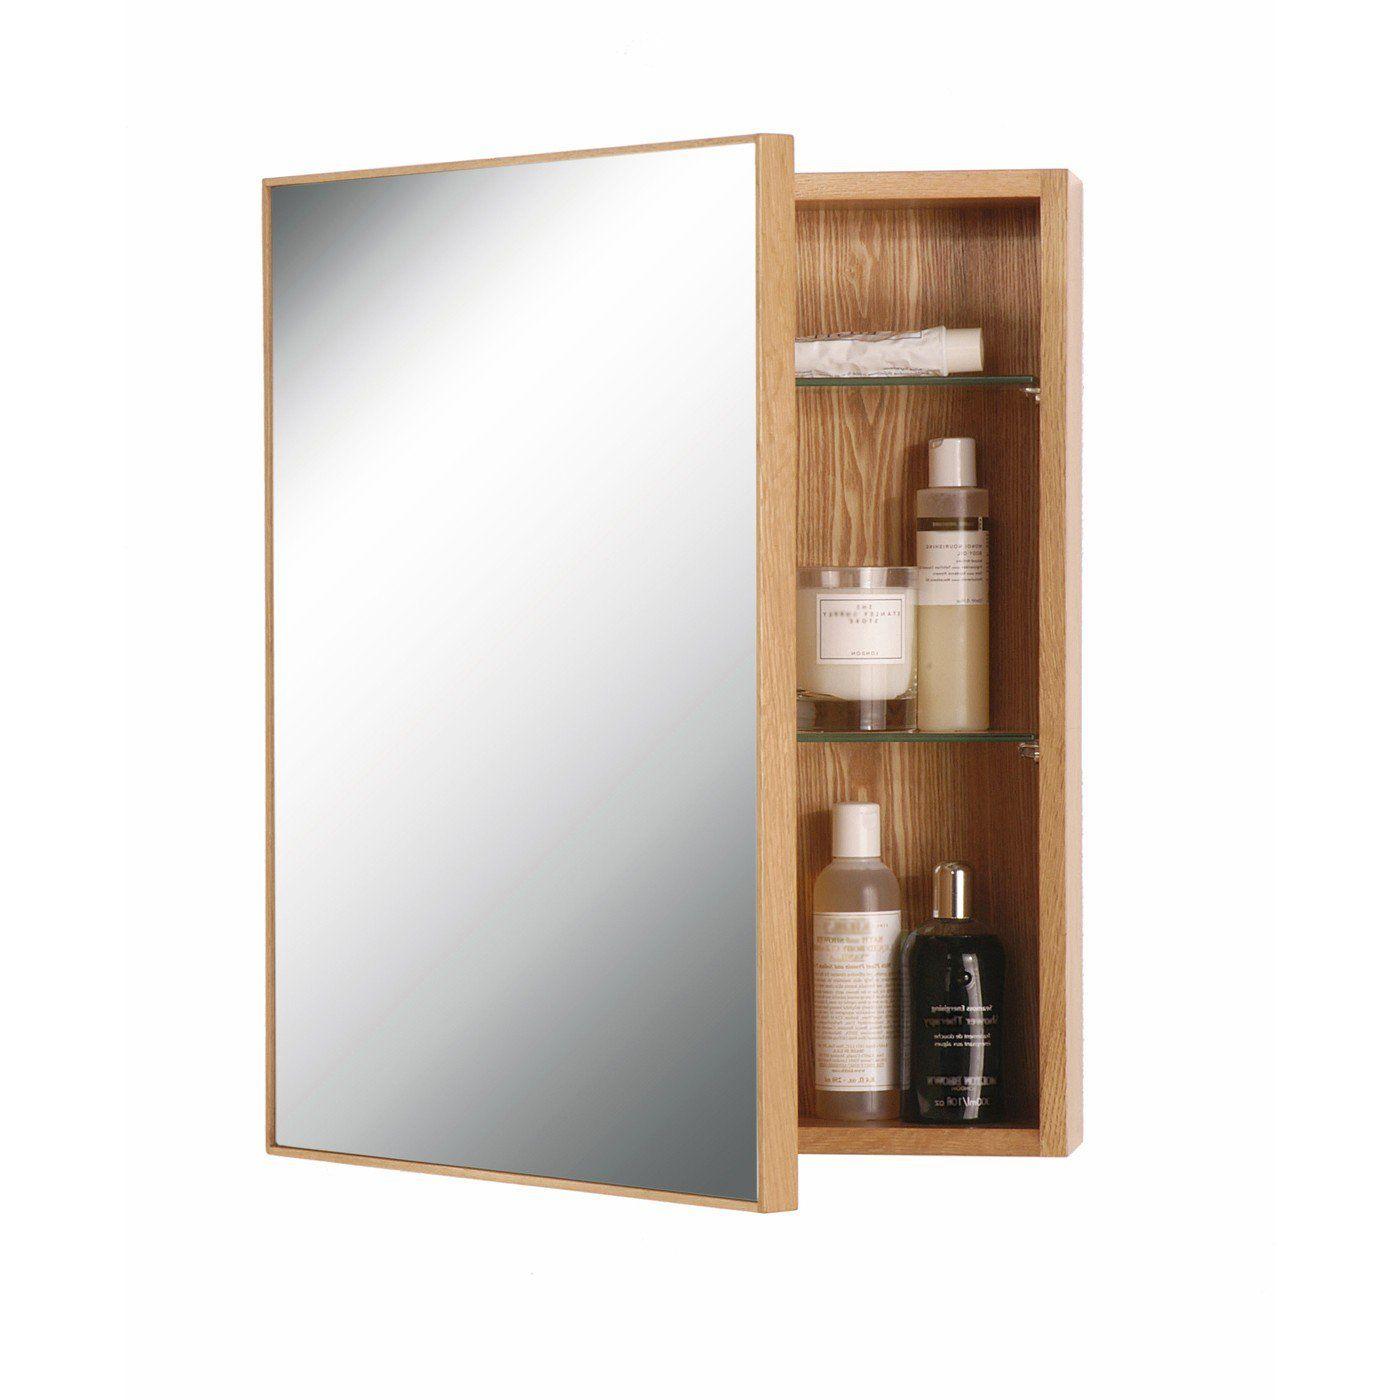 Slimline Cabinet | Pinterest | Glass shelves, Dressing room and ...